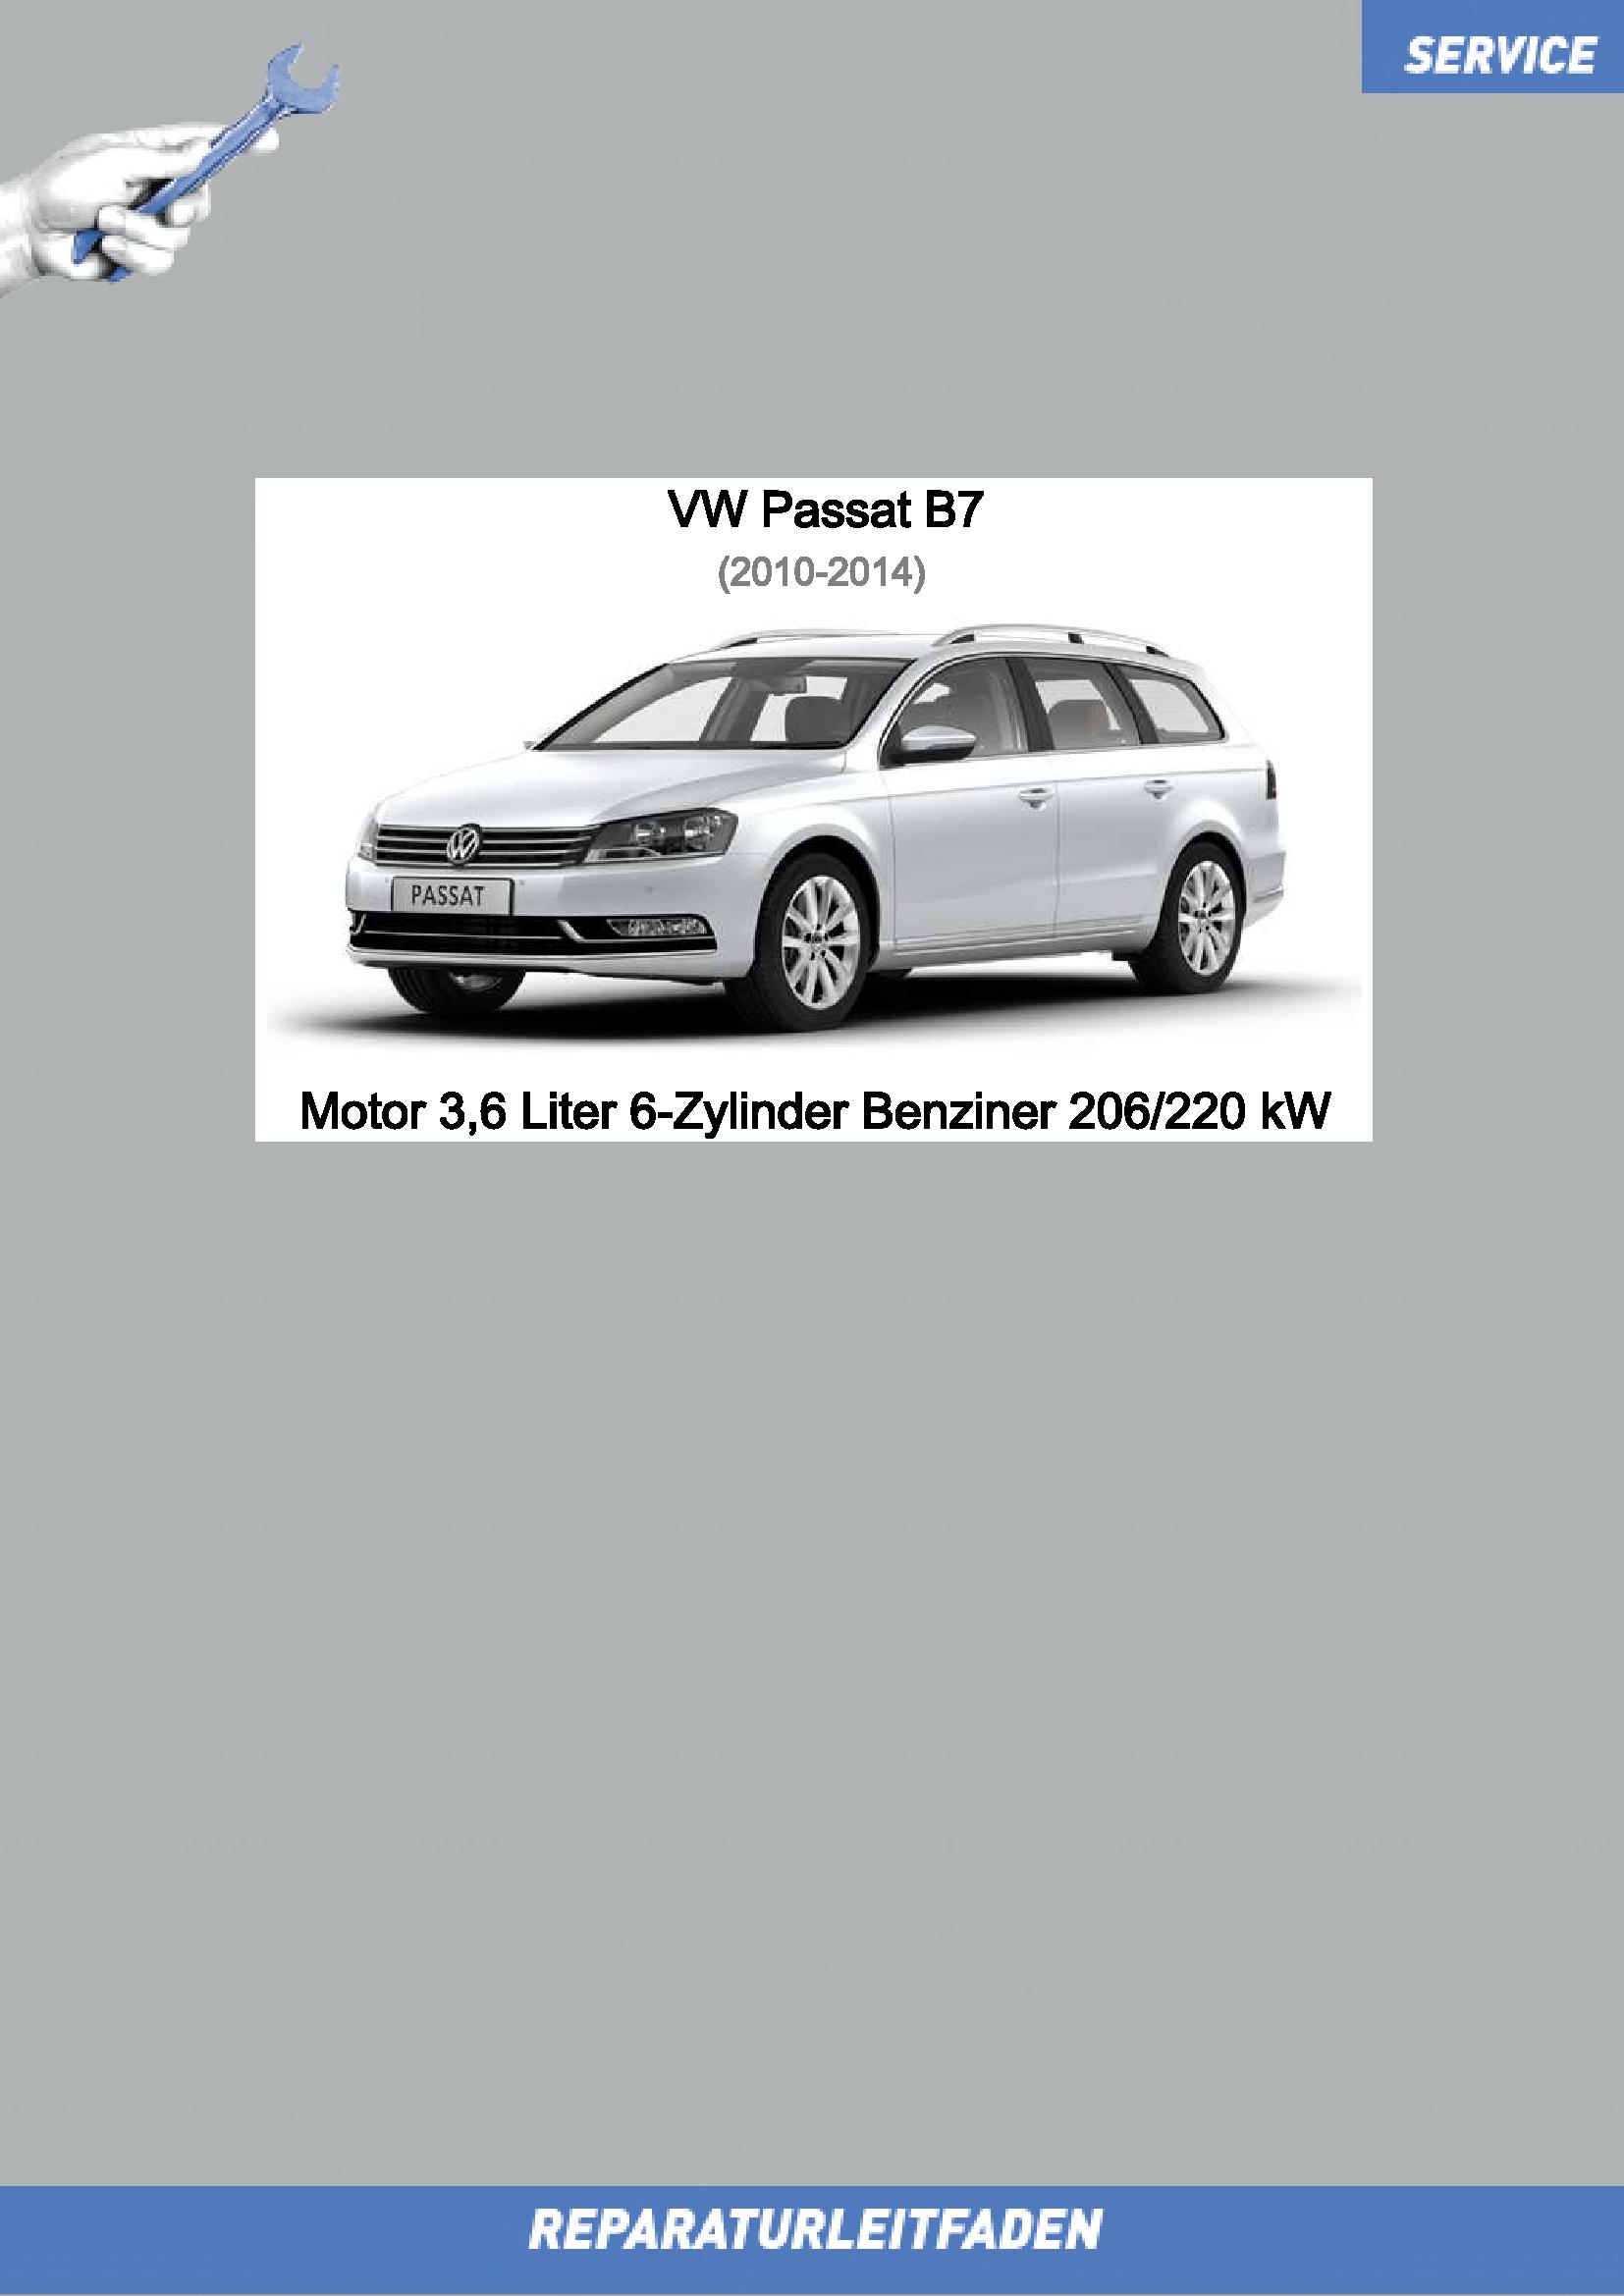 vw-passat-36-0025-motor_3_6_liter_6_zylinder_benziner_206220_kw_1.png